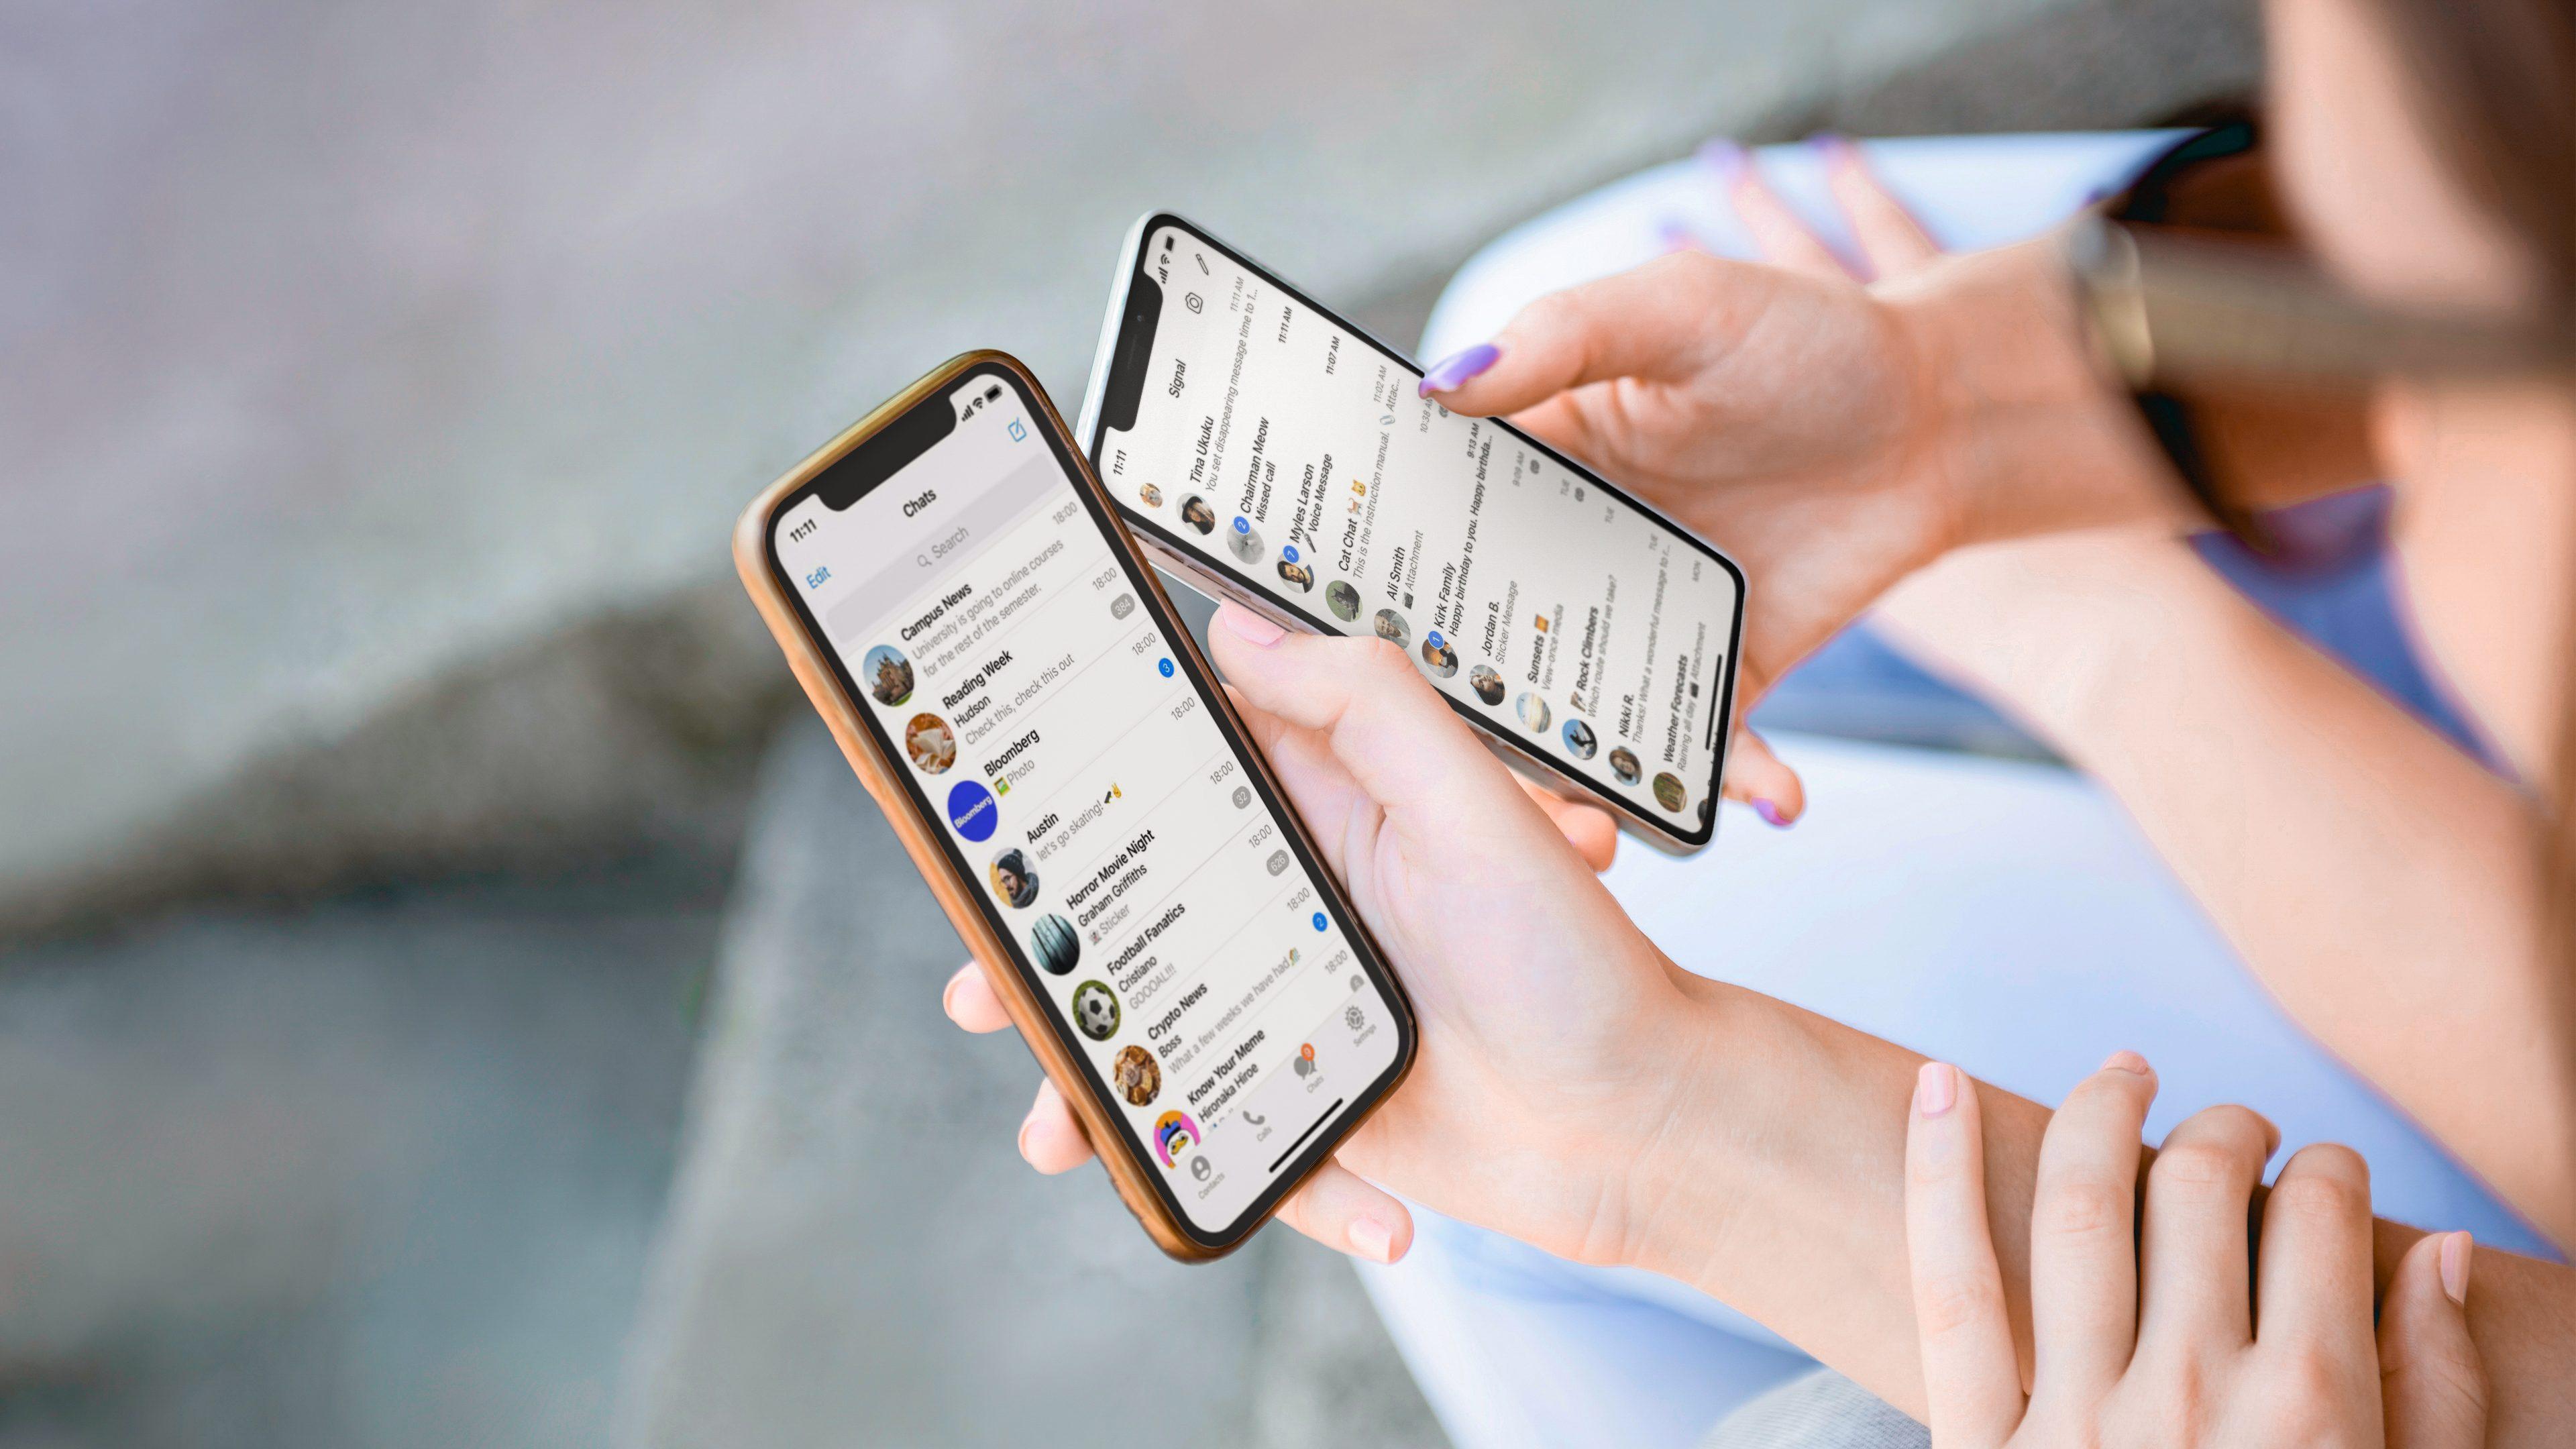 WhatsApp: as melhores alternativas em 2021